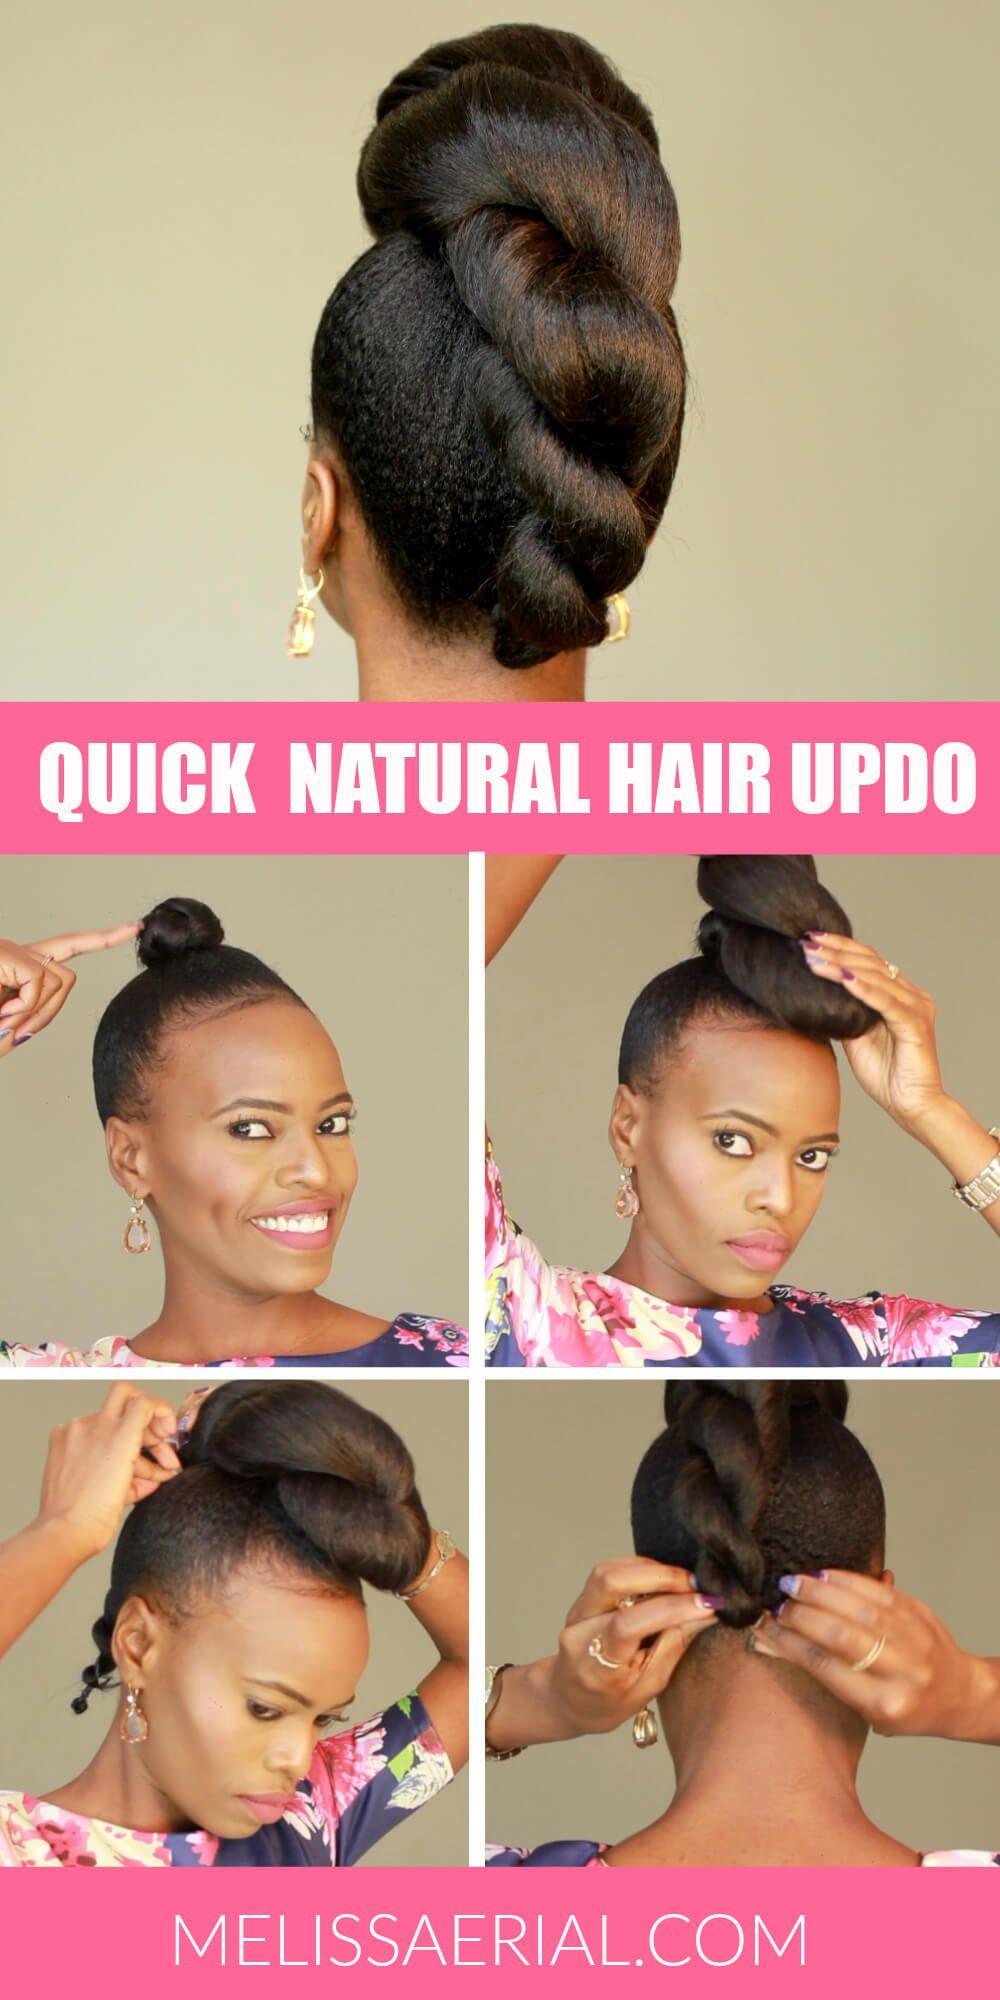 Quick Natural Hair Updo In 2020 Natural Hair Updo Natural Hair